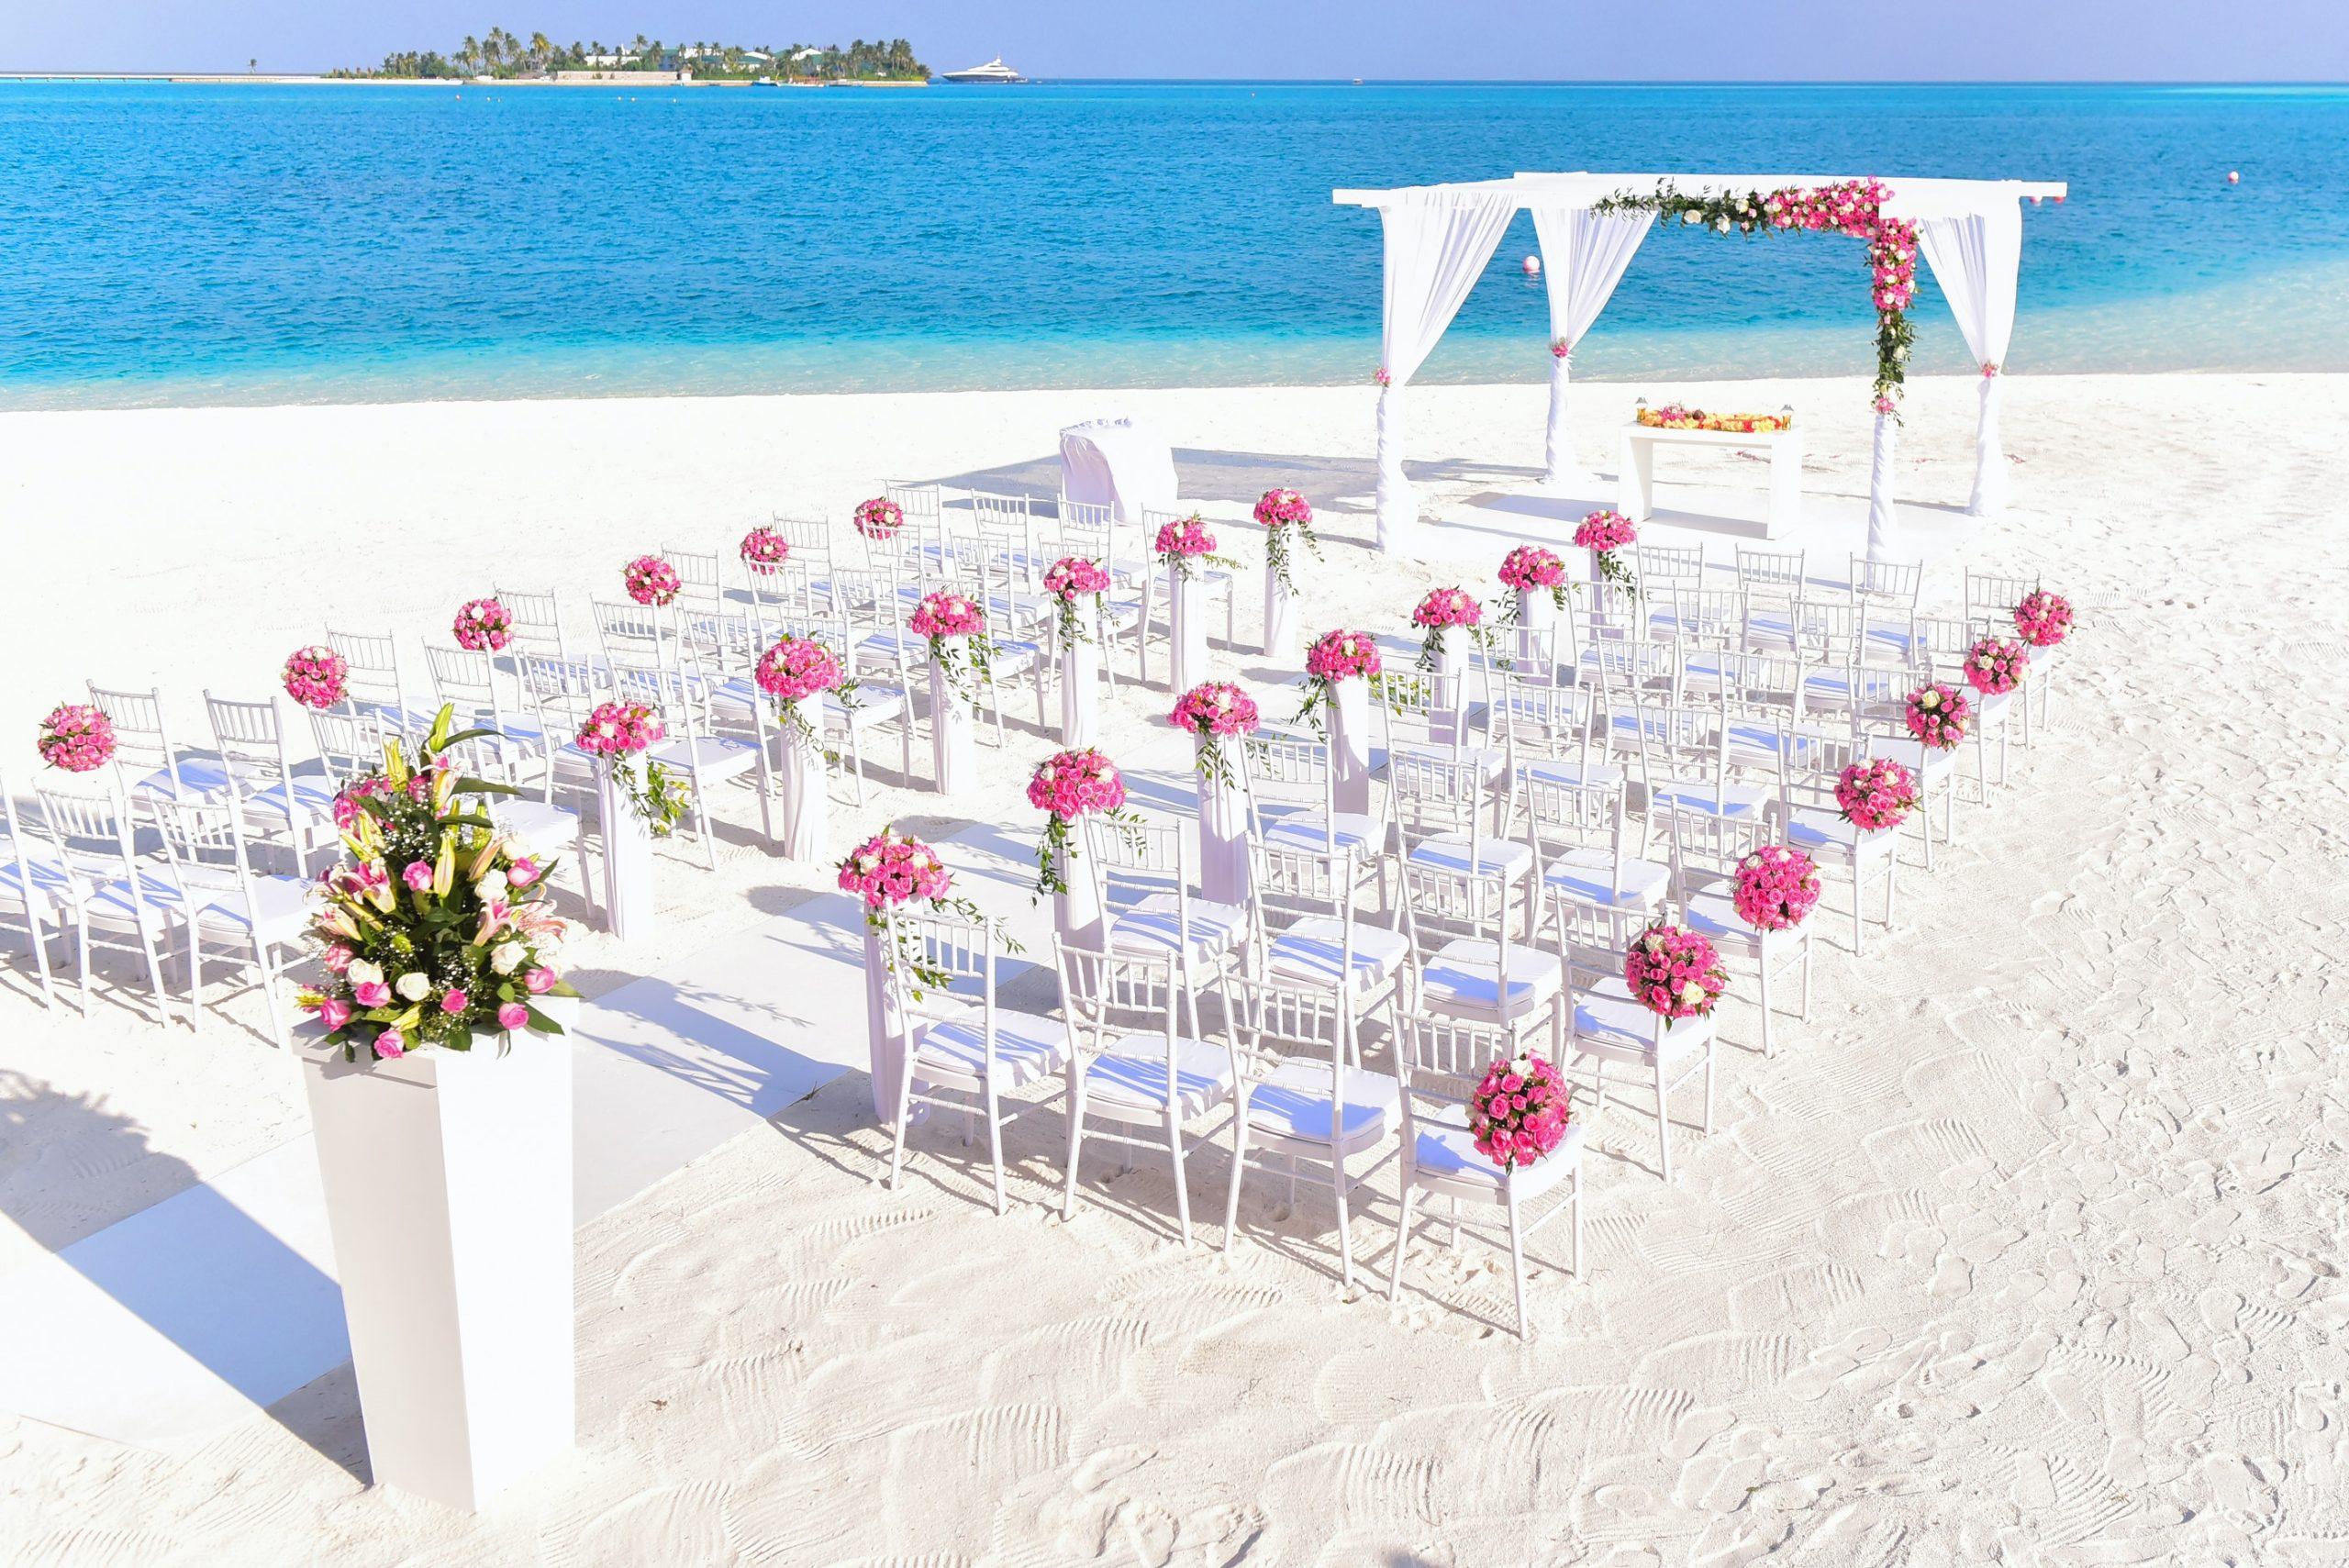 pexels-asad-photo-maldives-169197